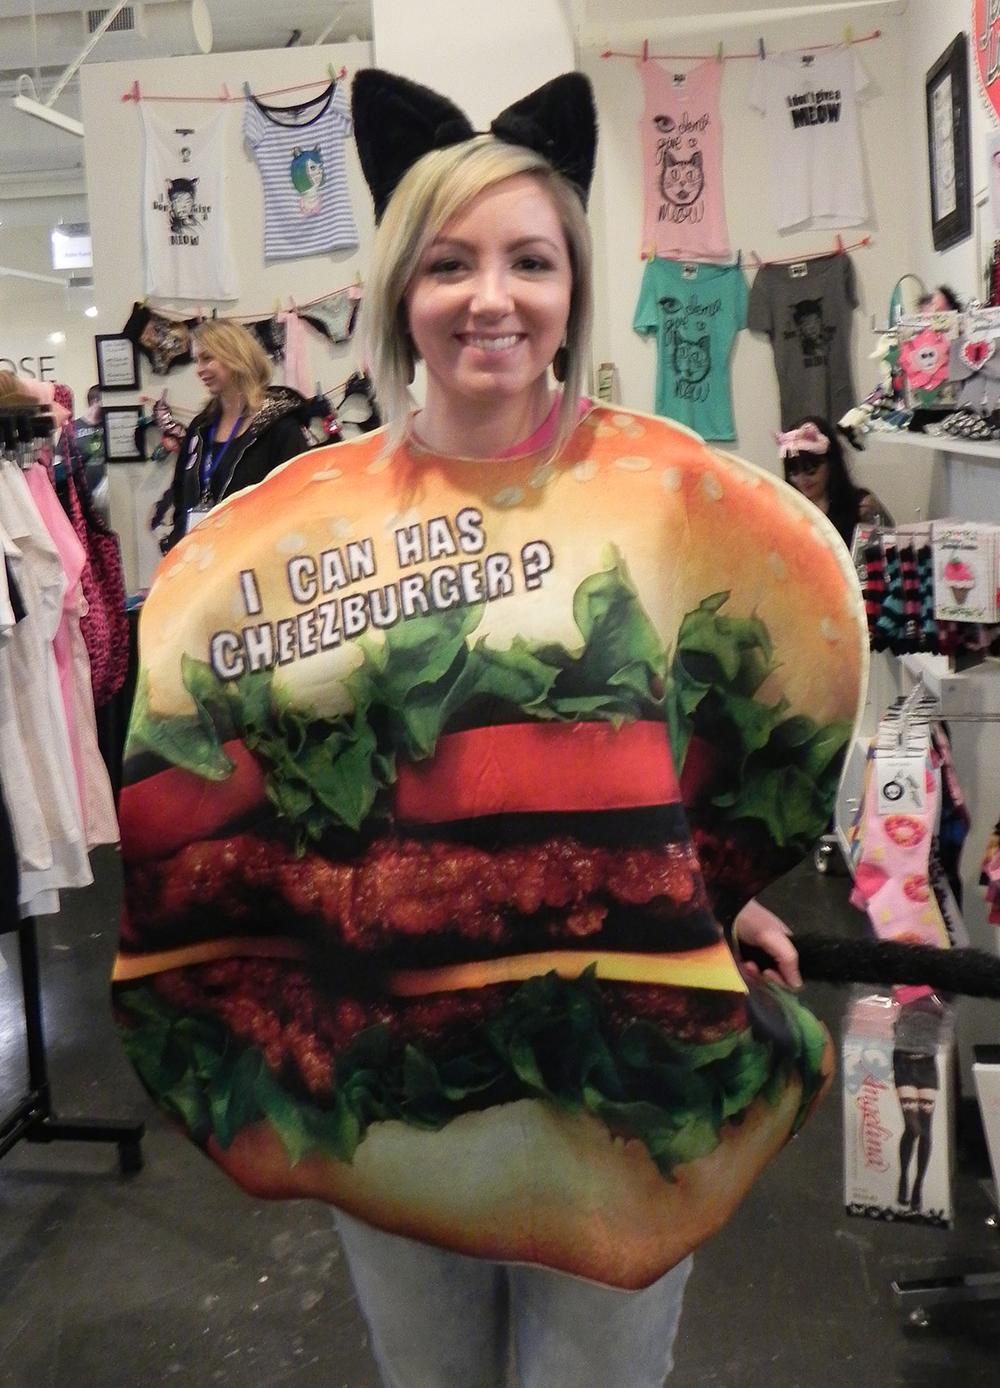 SheCanHazCheezburger